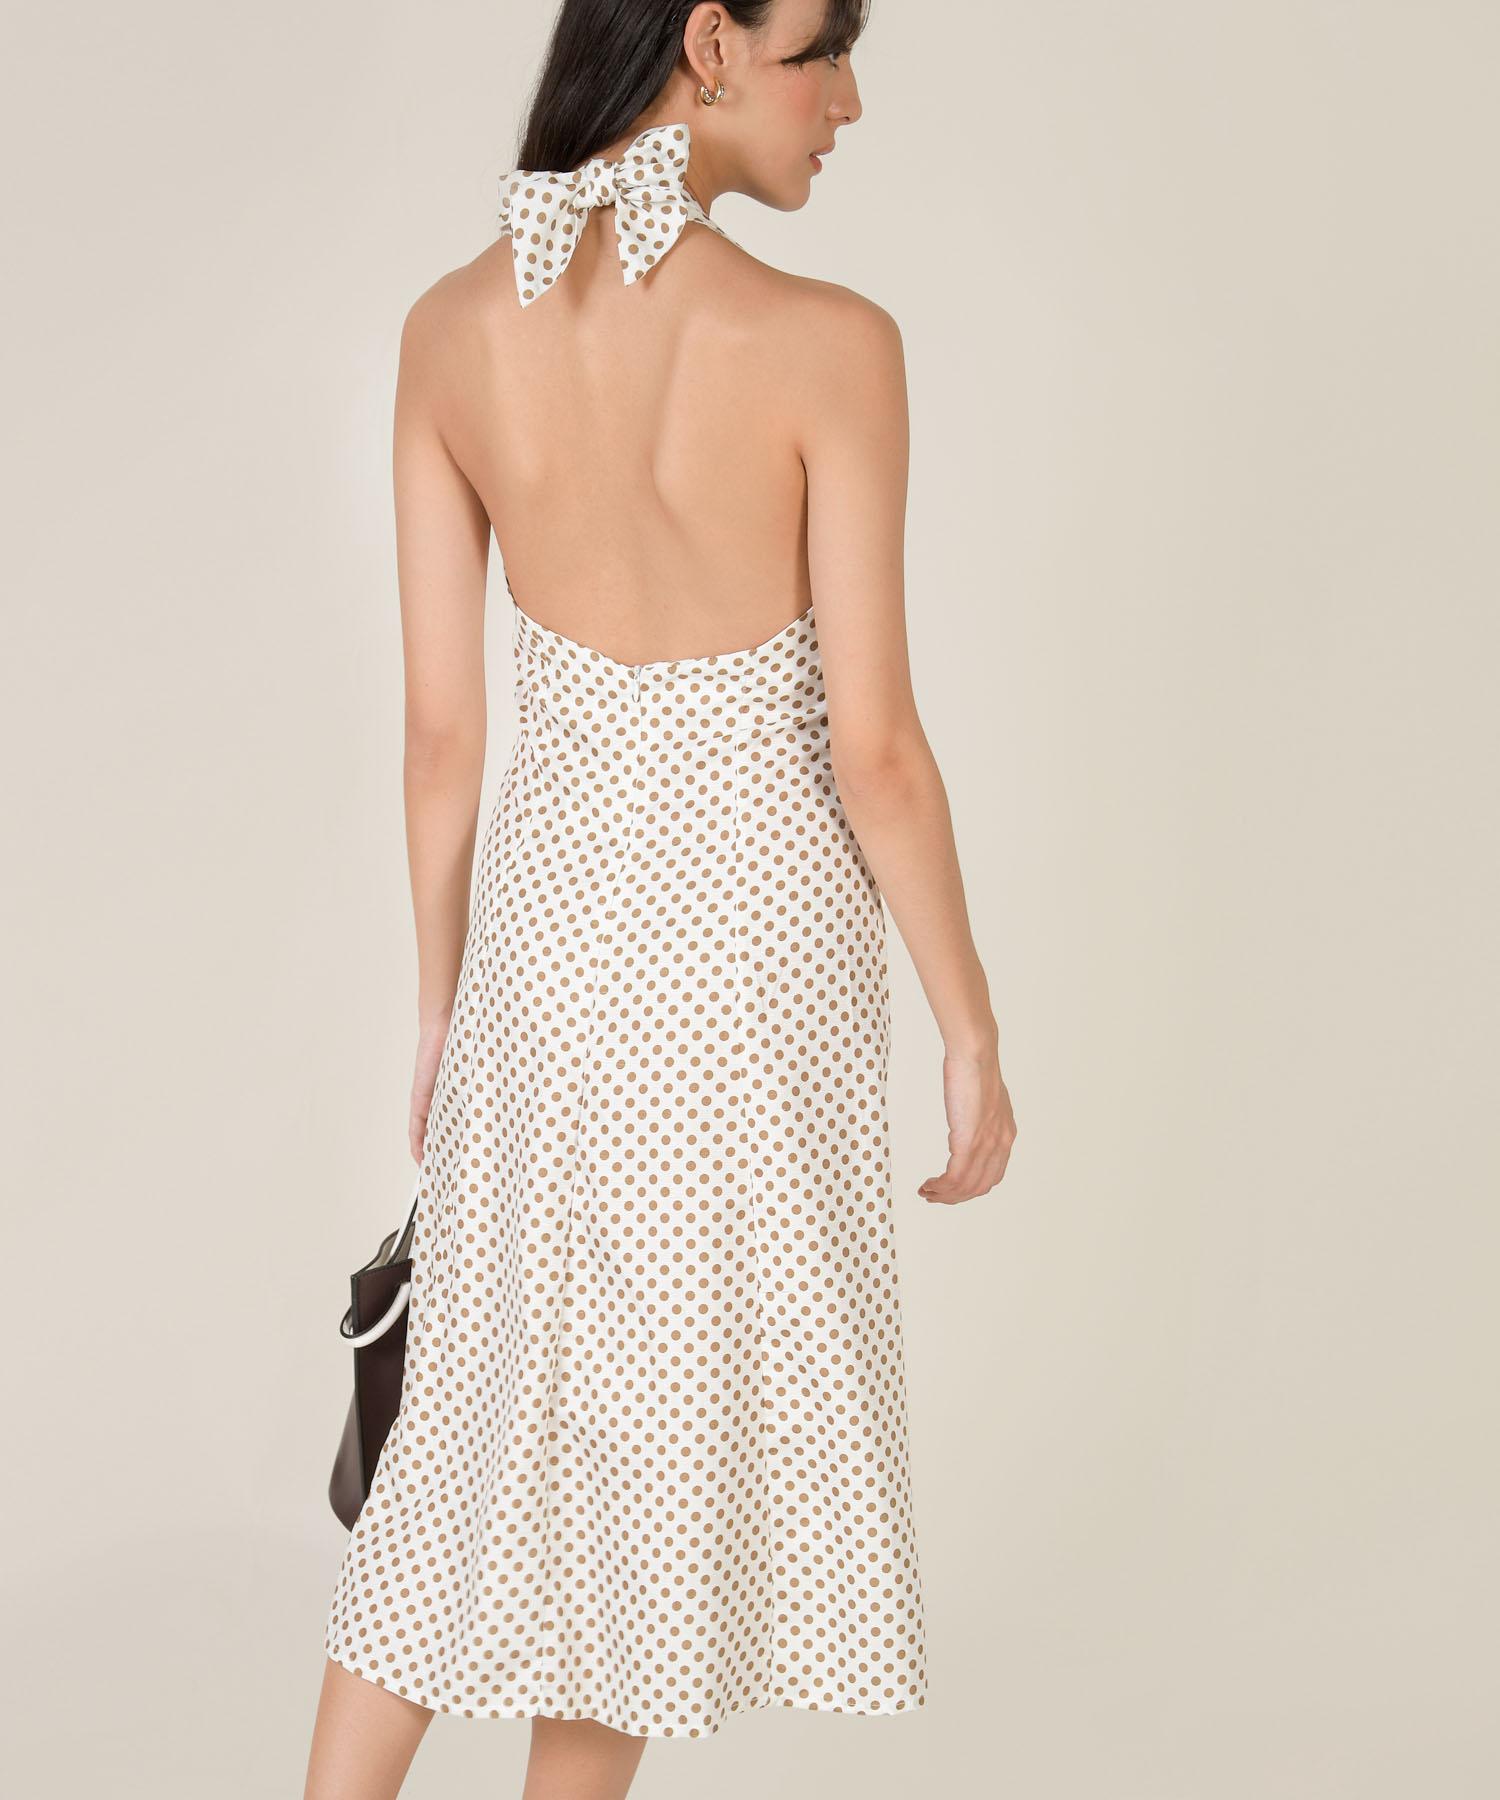 mattea-polka-halter-midi-dress-white-1